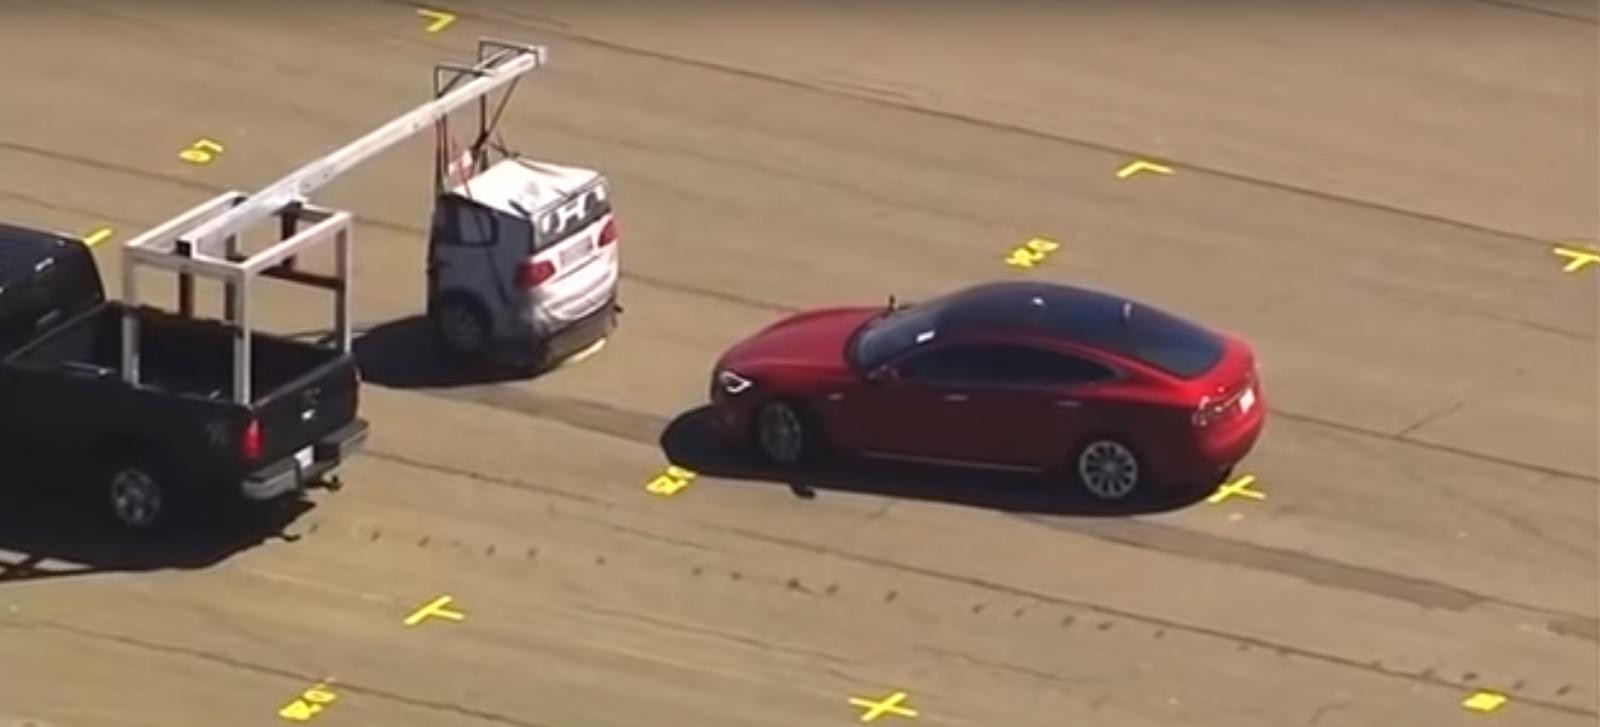 Испытания электромобиля Tesla. Источник: consumerreports.org